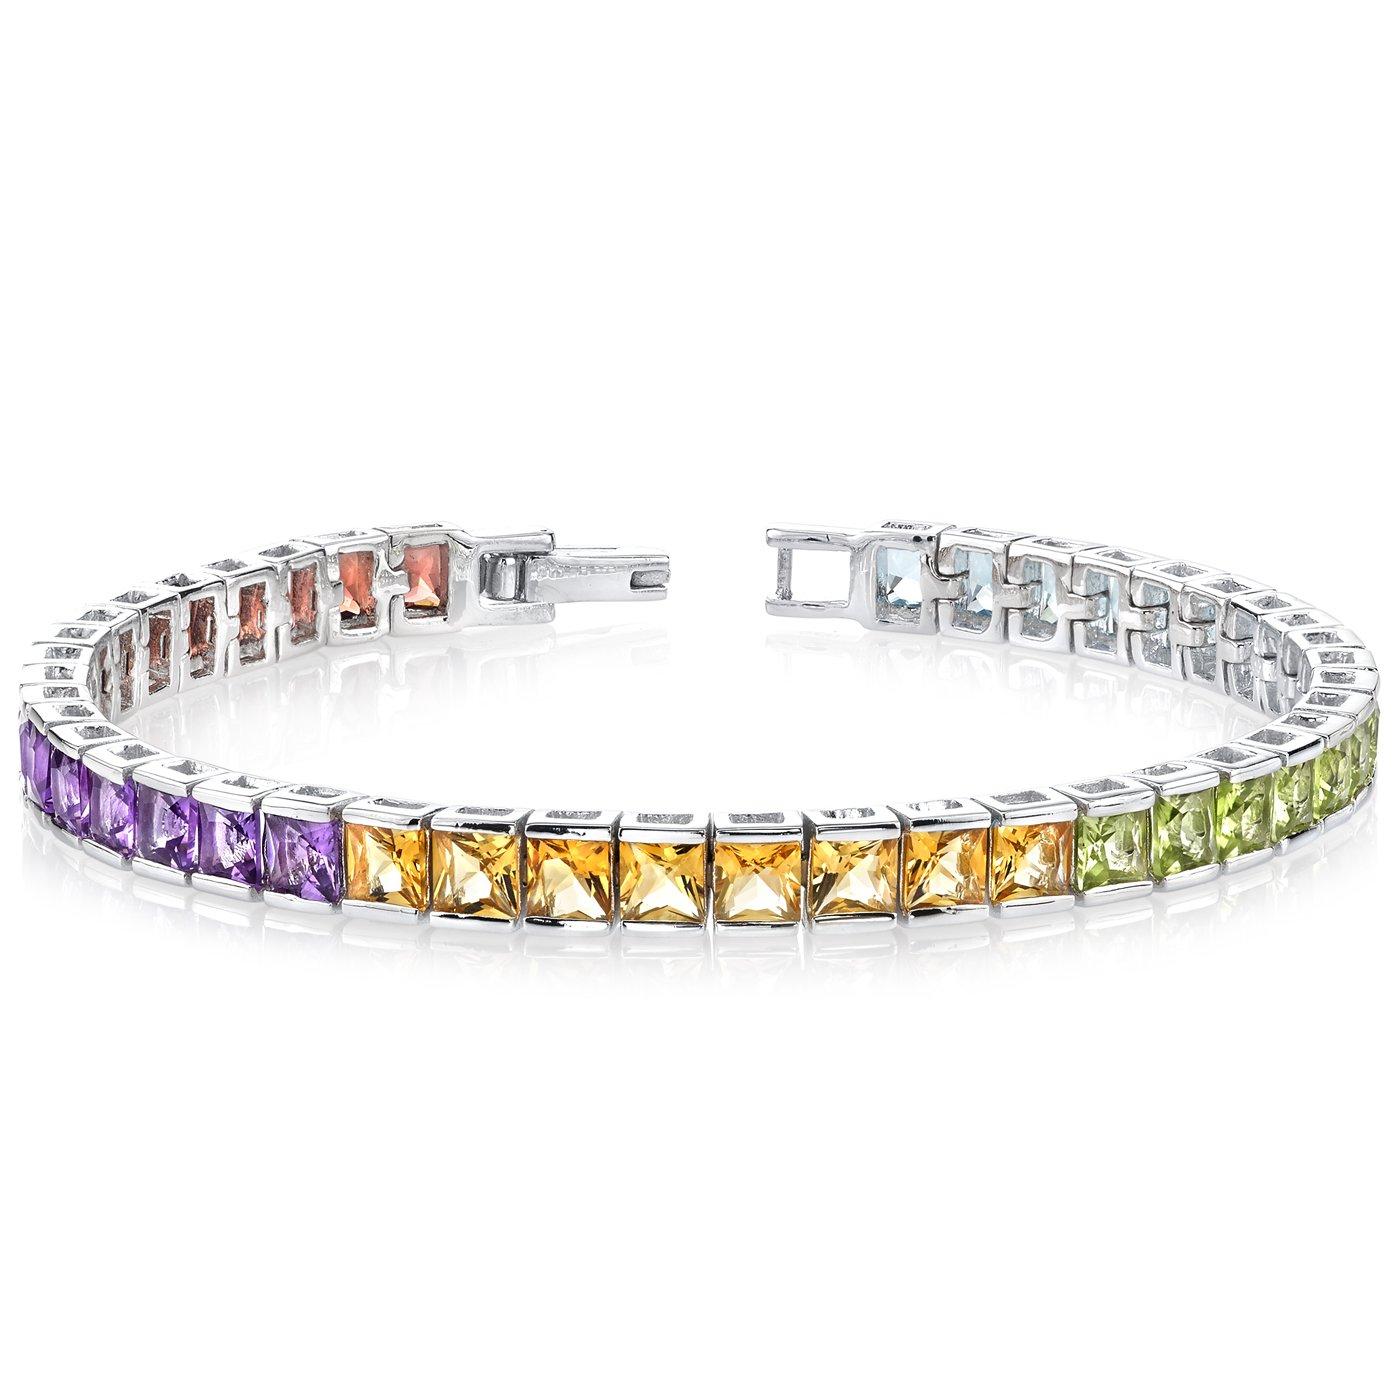 15.00 Carats Princess Cut Rainbow Color Tennis Bracelet Sterling Silver